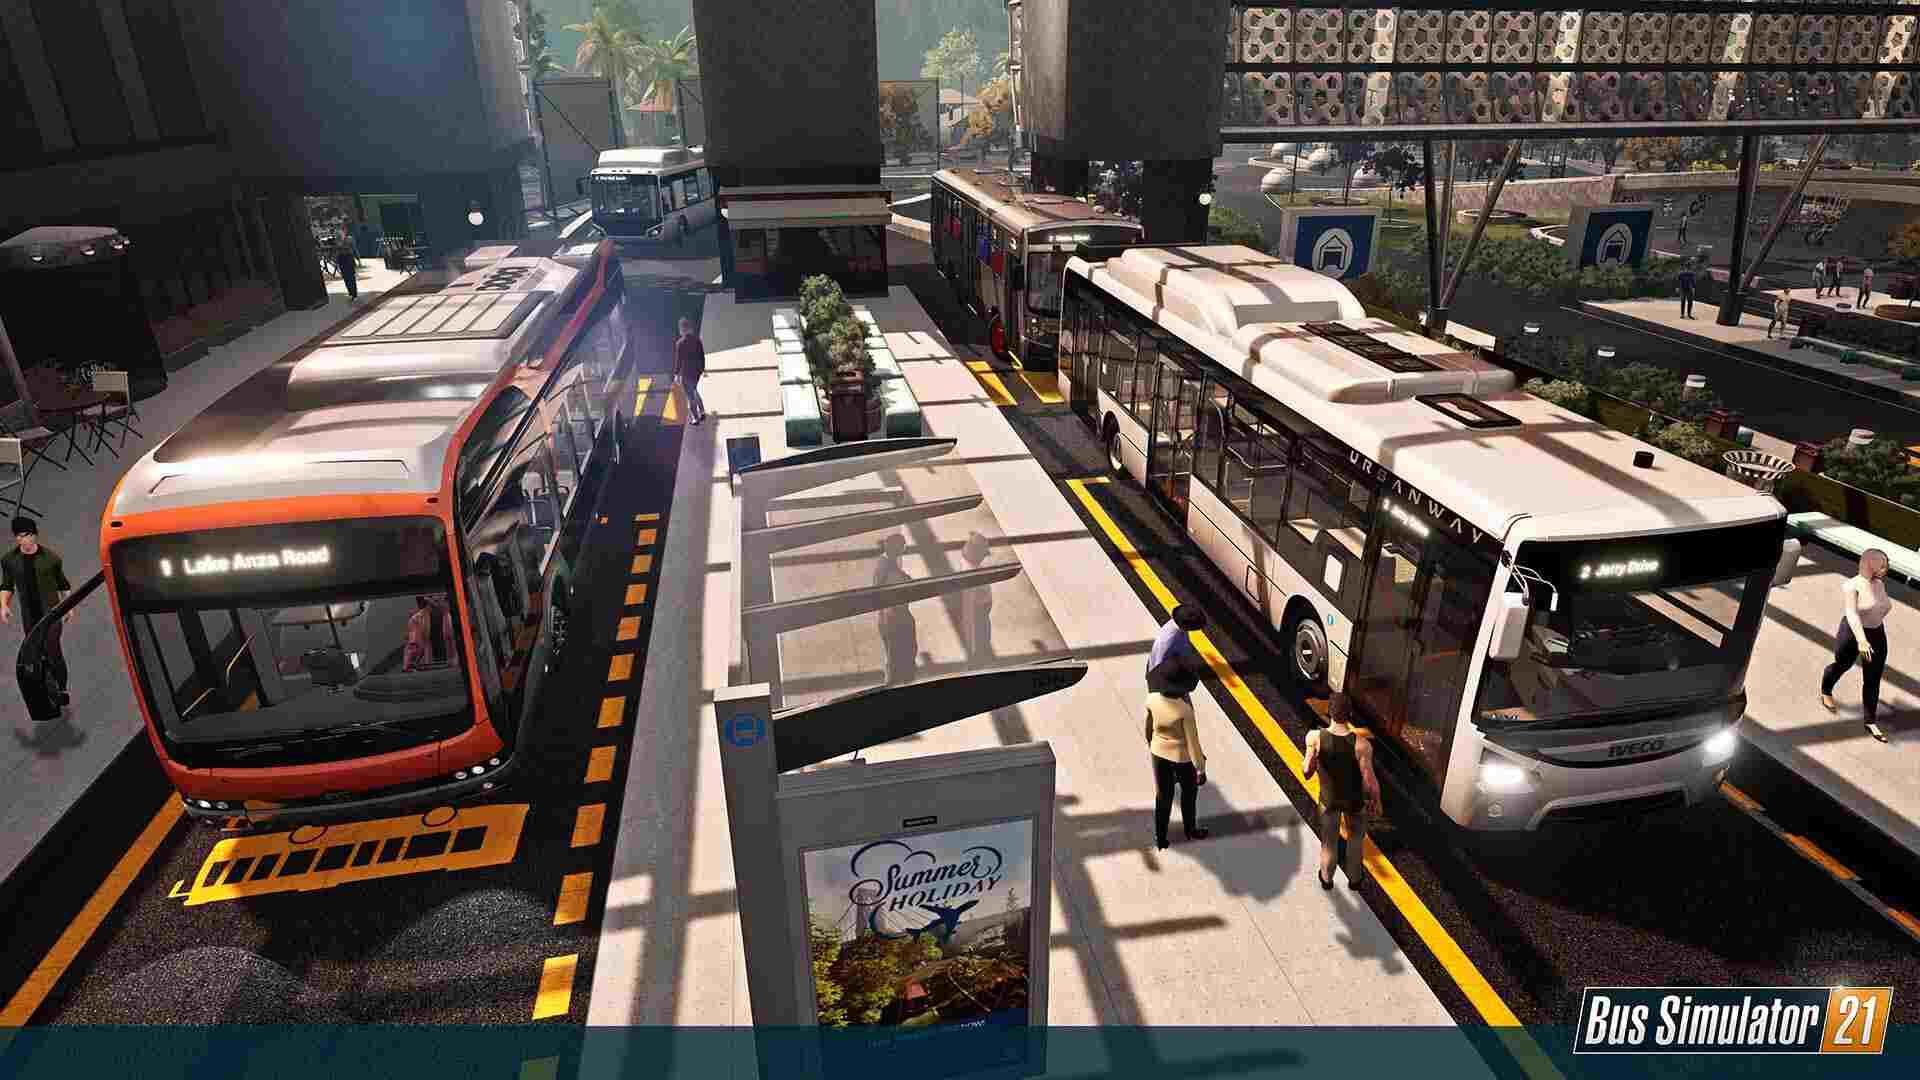 Bus Simulator 21 multiplayer